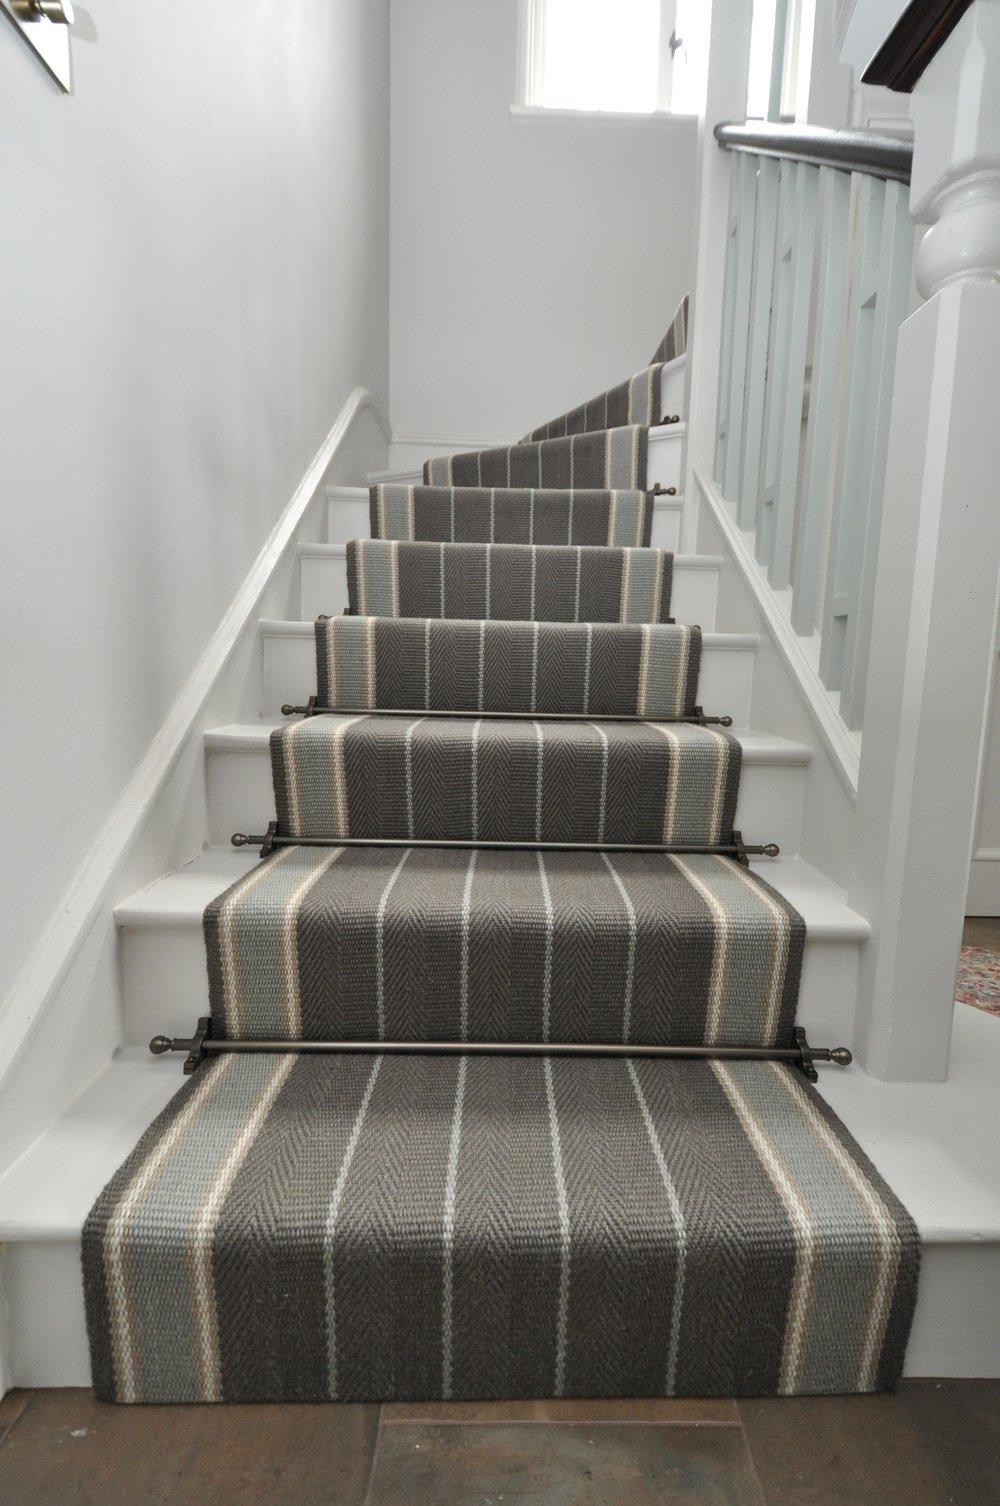 flatweave-stair-runner-london-bowloom-carpet-off-the-loom-DSC_1501.jpg